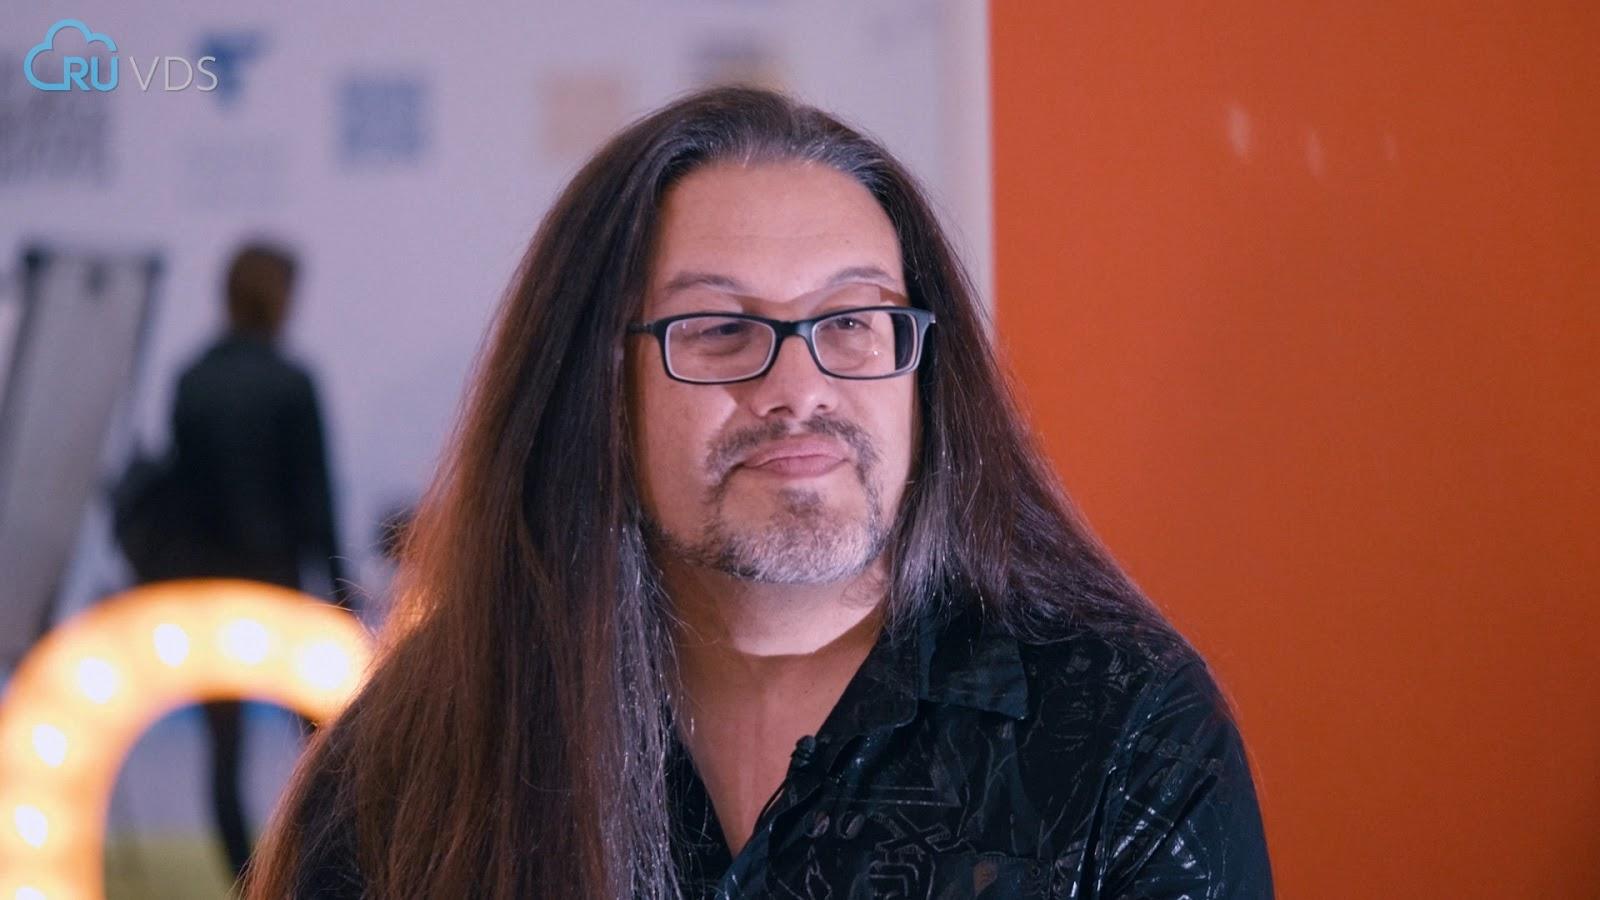 Джон Альфонсо Ромеро — человек, который создал Doom и Quake - 2